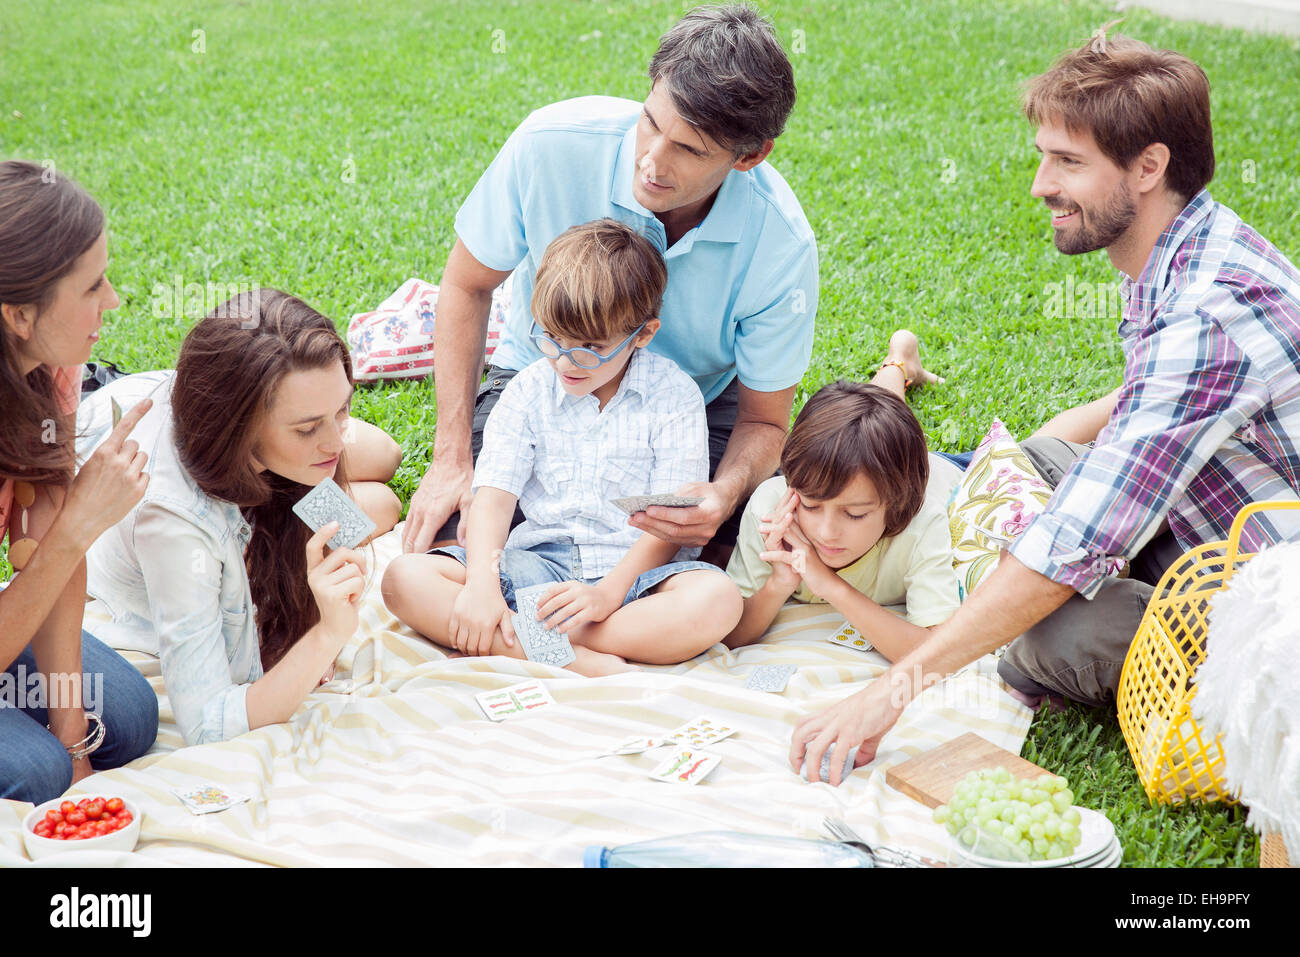 Famiglia carta da gioco gioco a picnic Immagini Stock